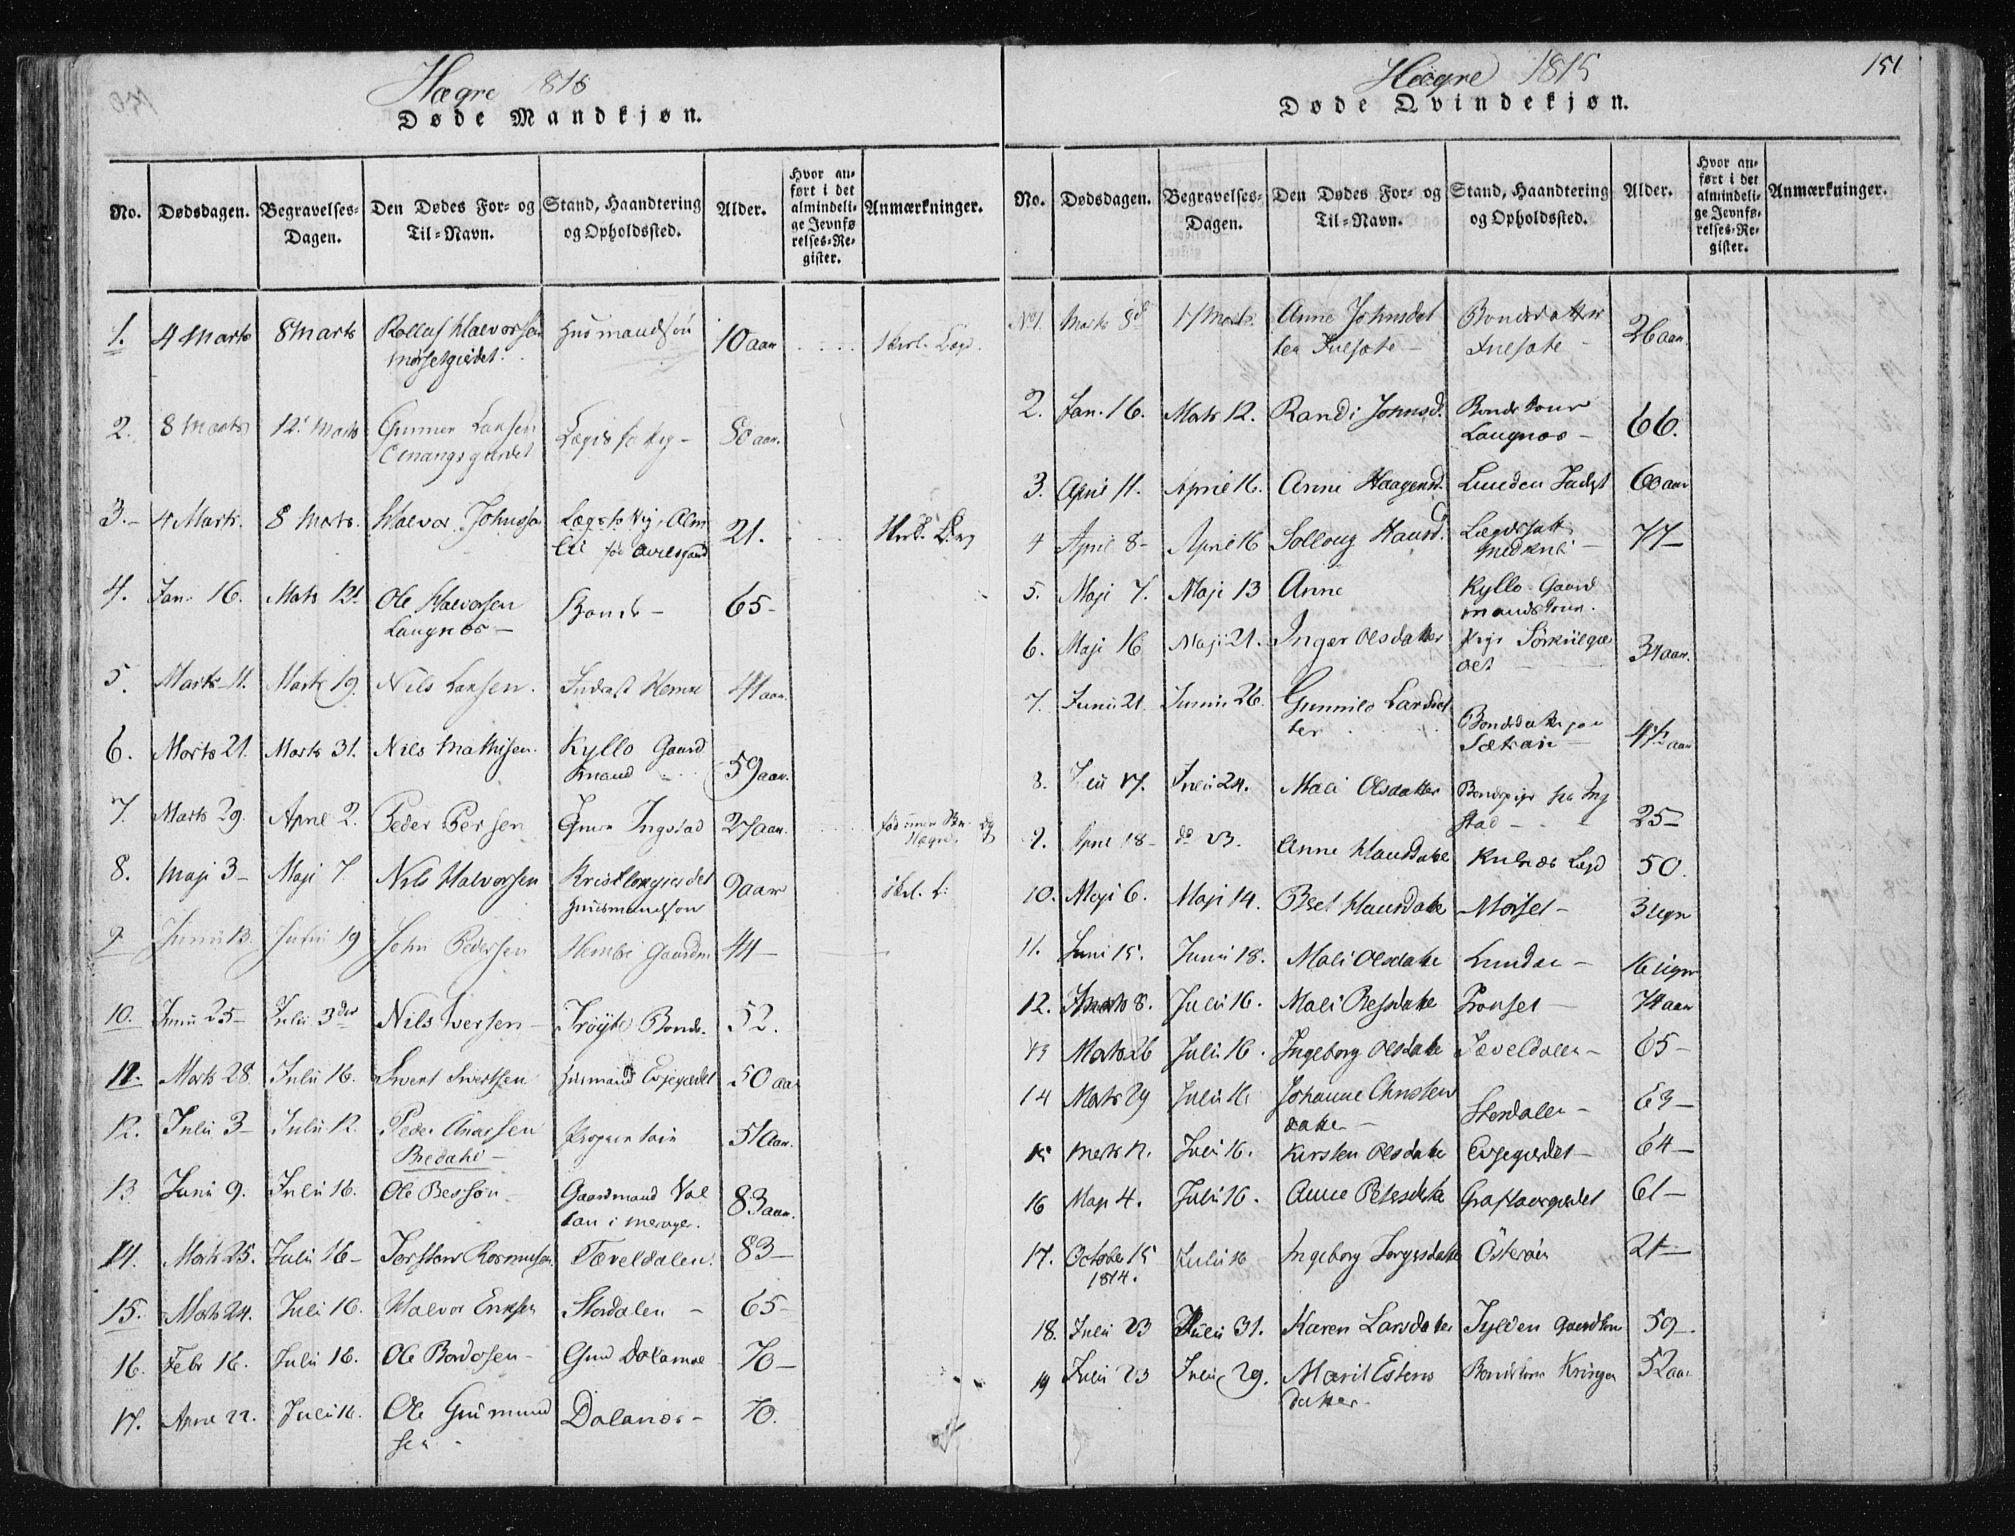 SAT, Ministerialprotokoller, klokkerbøker og fødselsregistre - Nord-Trøndelag, 709/L0061: Ministerialbok nr. 709A08 /4, 1815-1819, s. 151